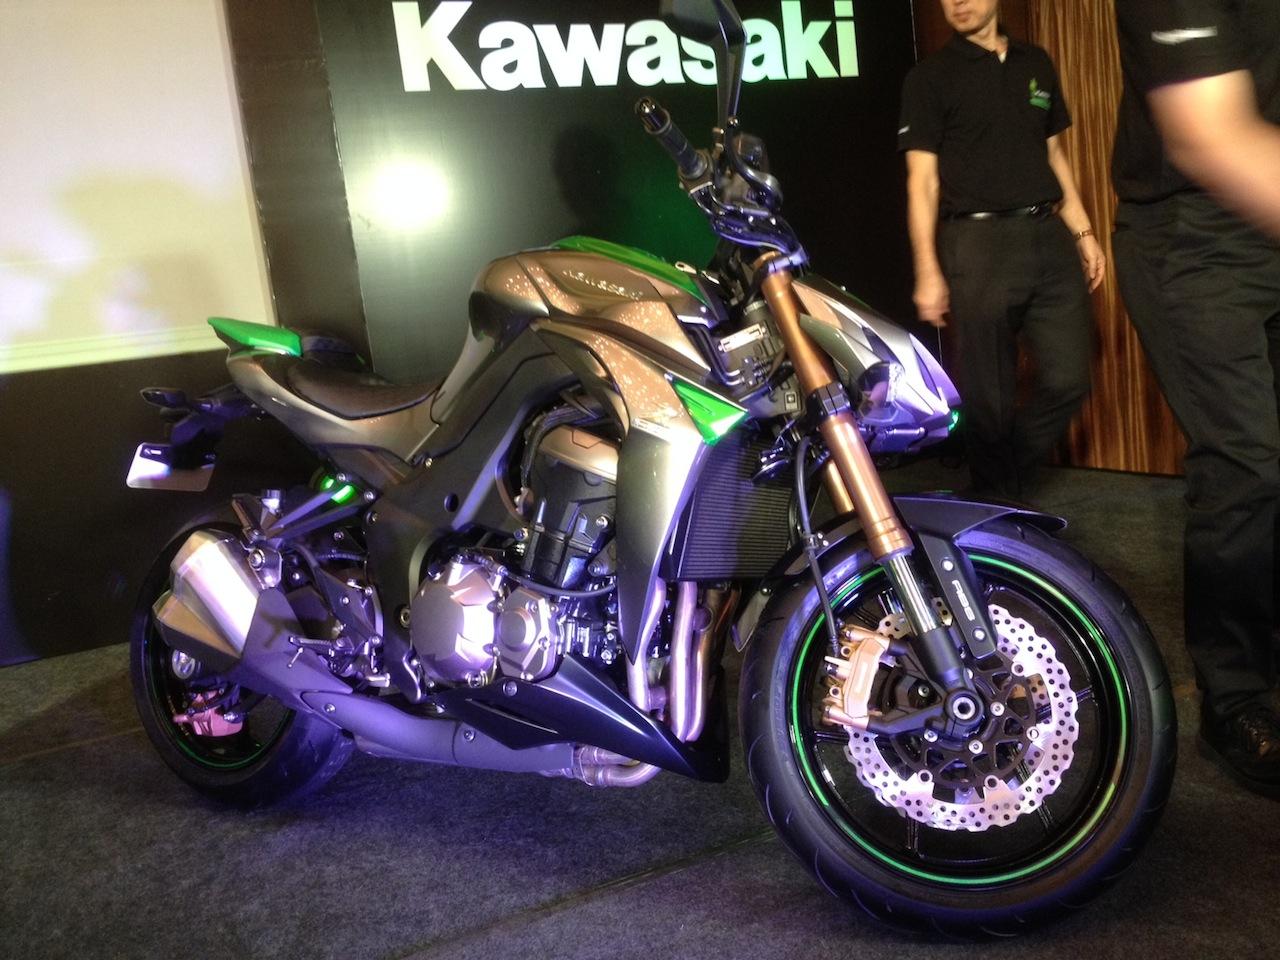 Live 2014 Kawasaki Z1000 Launched At Inr 125 Lakhs